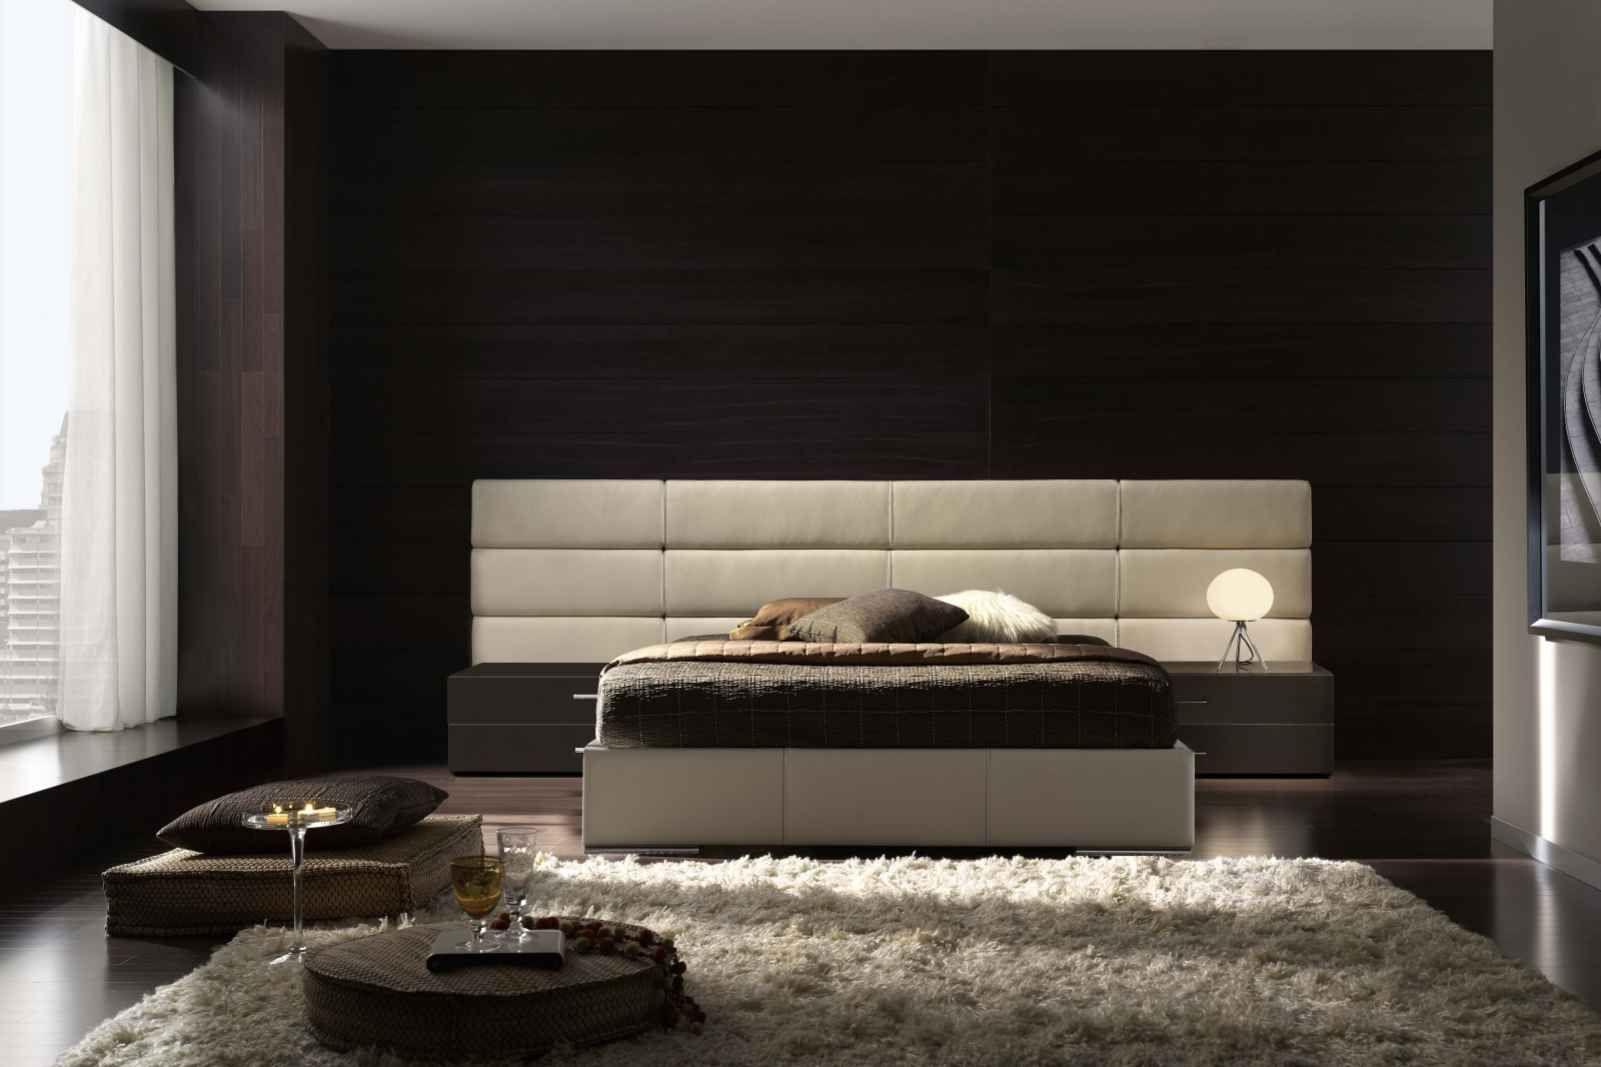 Schwarze Wand Im Schlafzimmer Mit Bett Atenas Von Gamamobel Schlafzimmer Zimmer Schwarze Wand